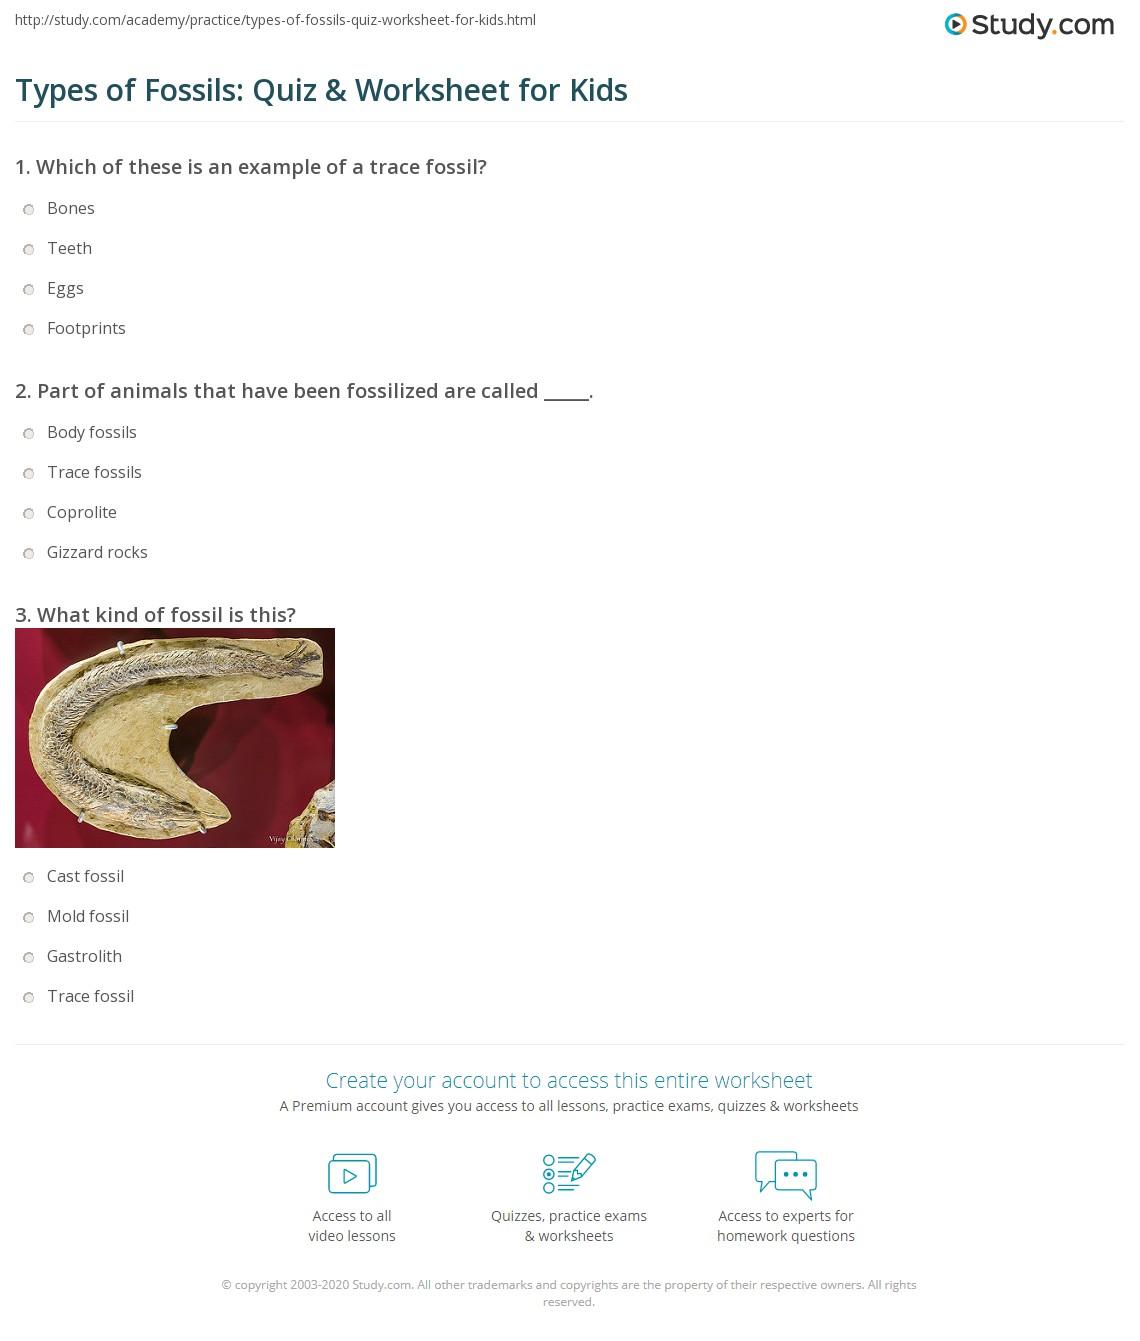 Worksheets Fossils Worksheet types of fossils quiz worksheet for kids study com print kinds lesson worksheet